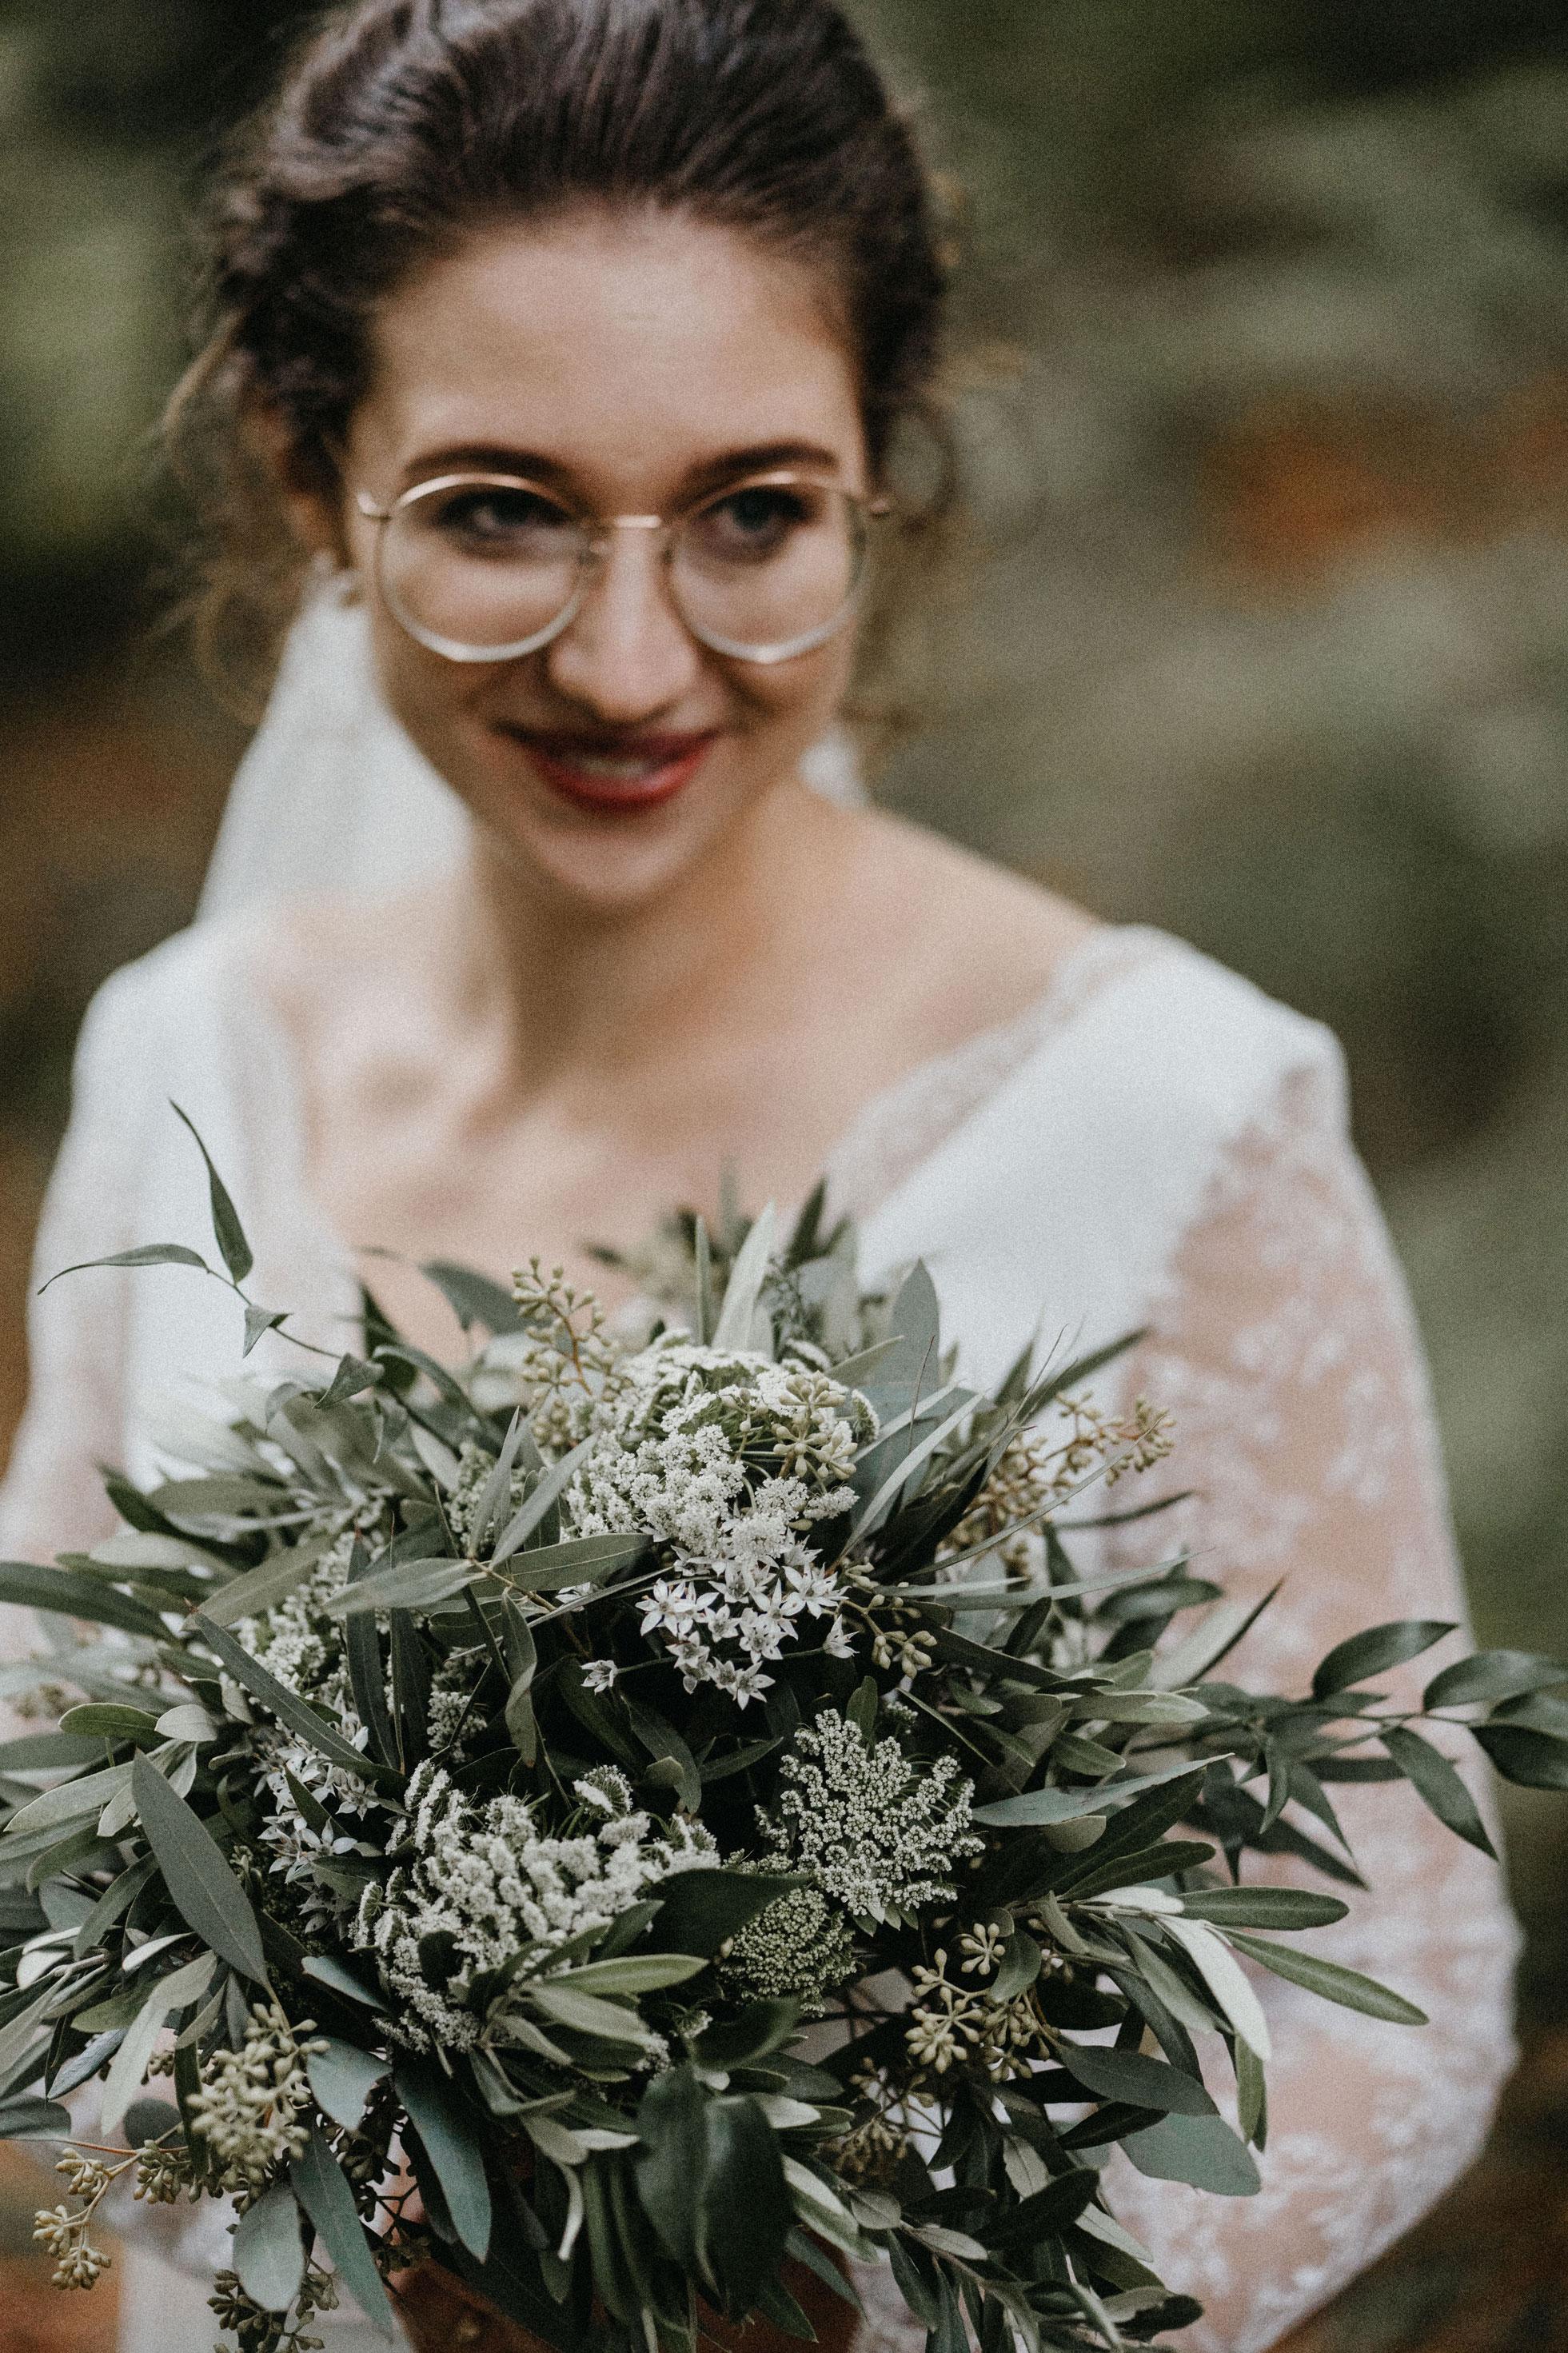 Hochzeit_Claire_Manuel_Villa_Maund_Daniel_Jenny-383.jpg